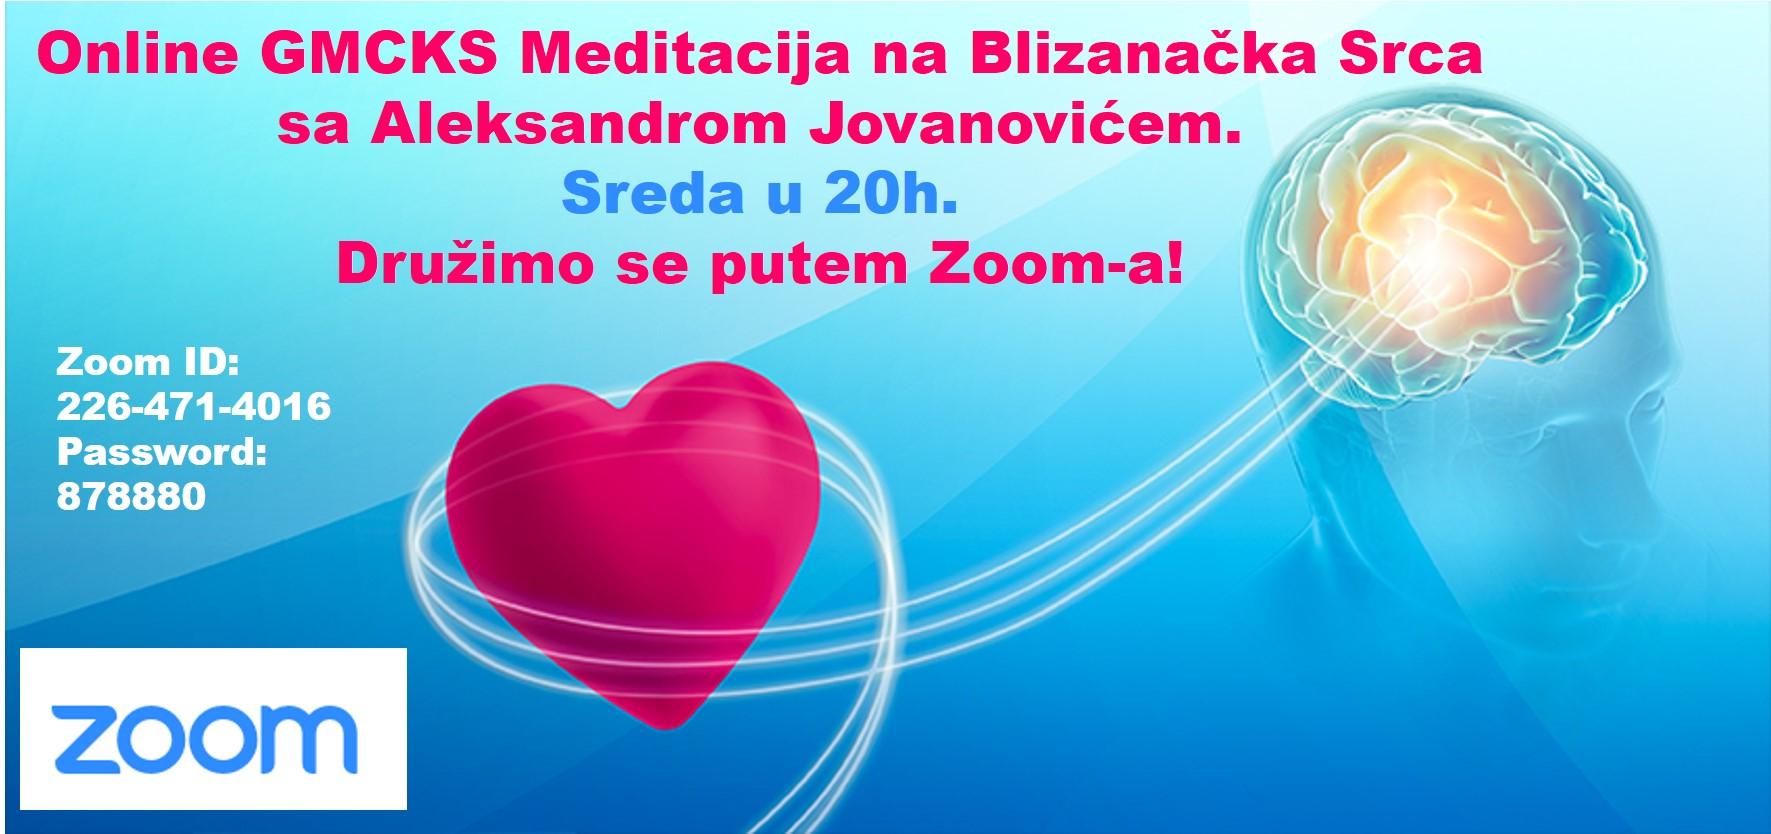 sreda 20h meditacija